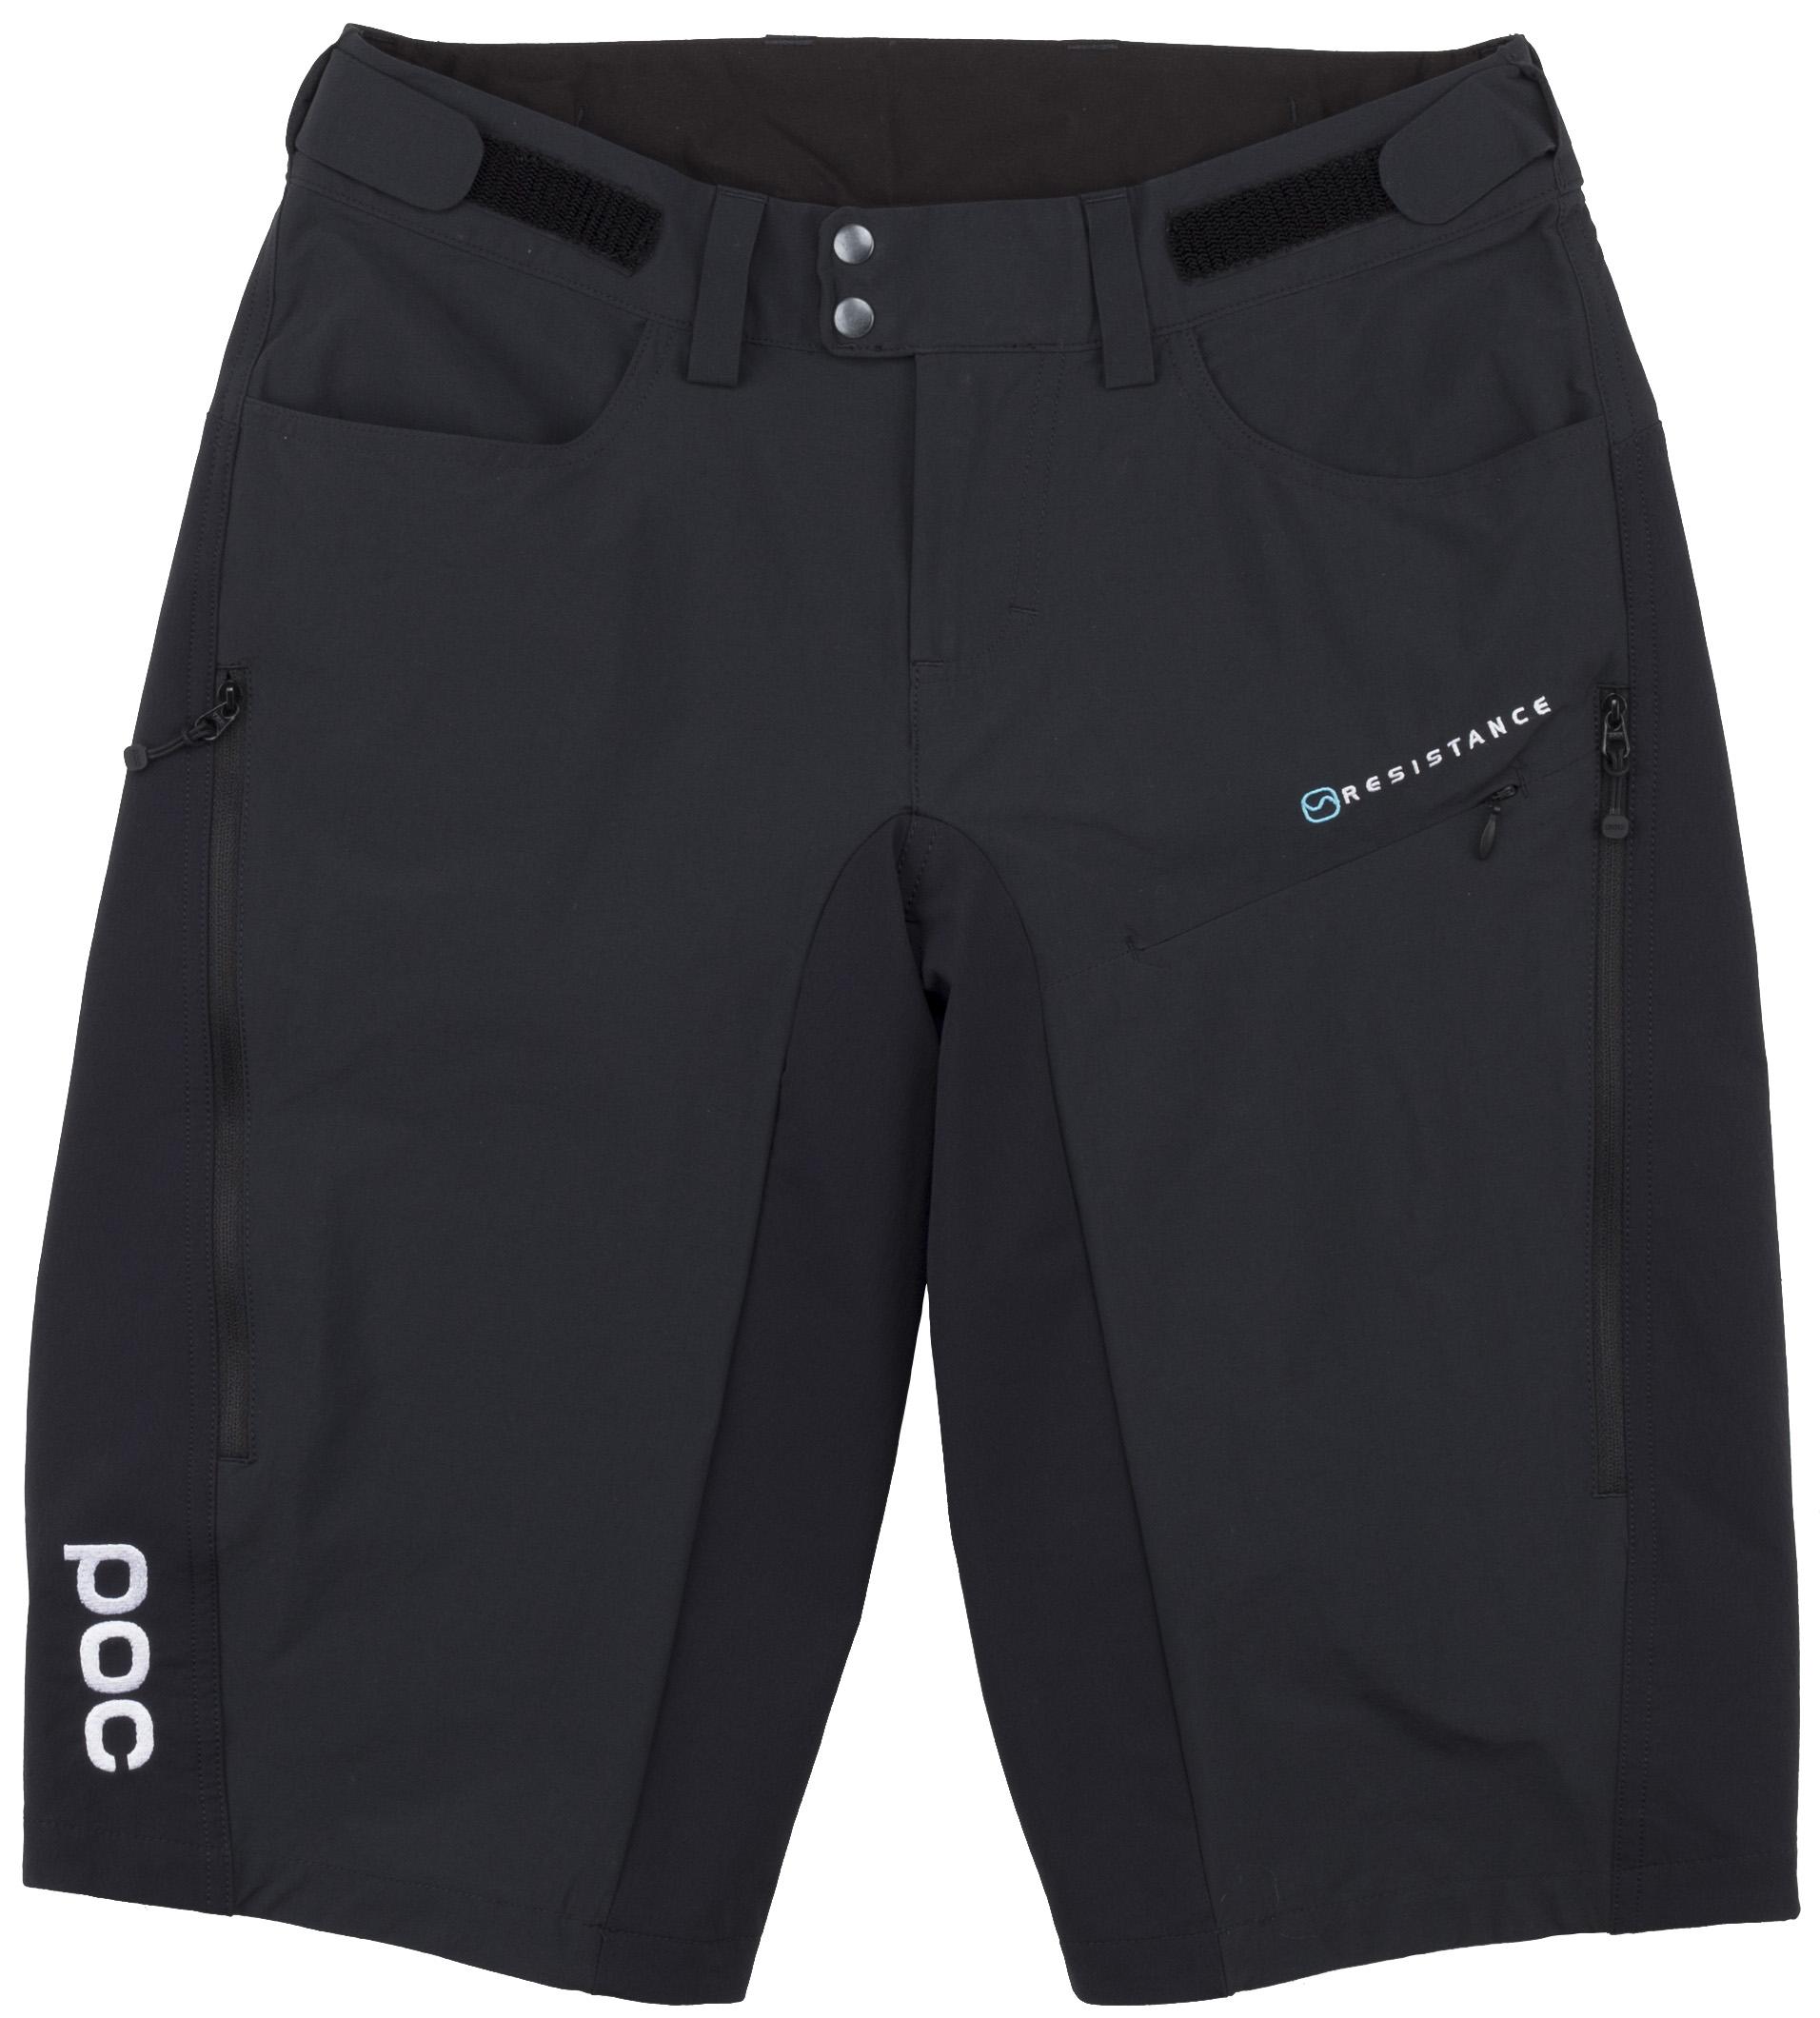 POC Resistance Enduro Mid W MTB Shorts